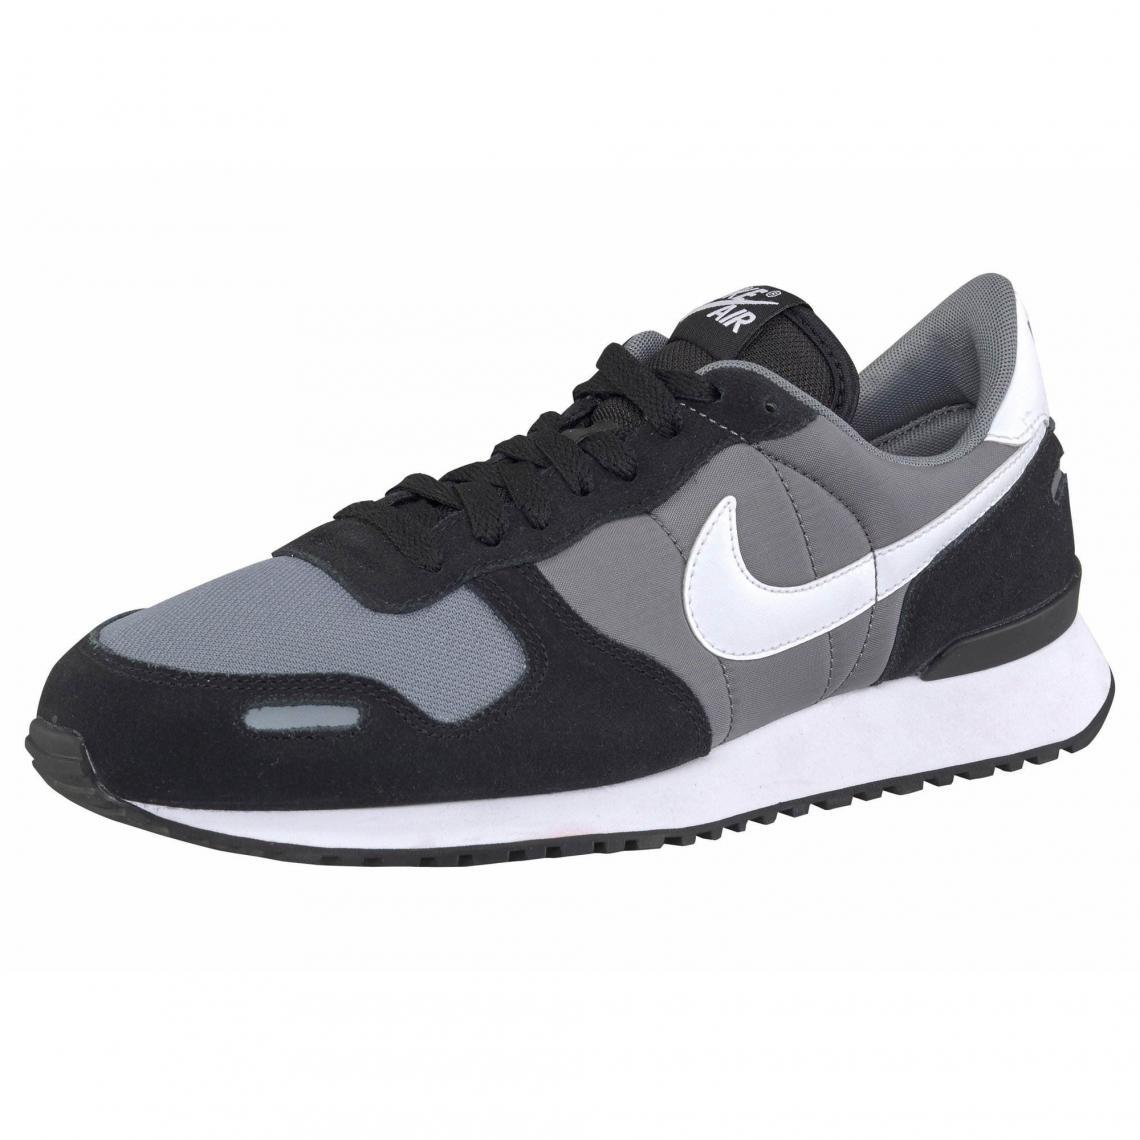 Vortex De Noir Suisses Gris3 Air Chaussures Nike Homme Running cl1TJFK